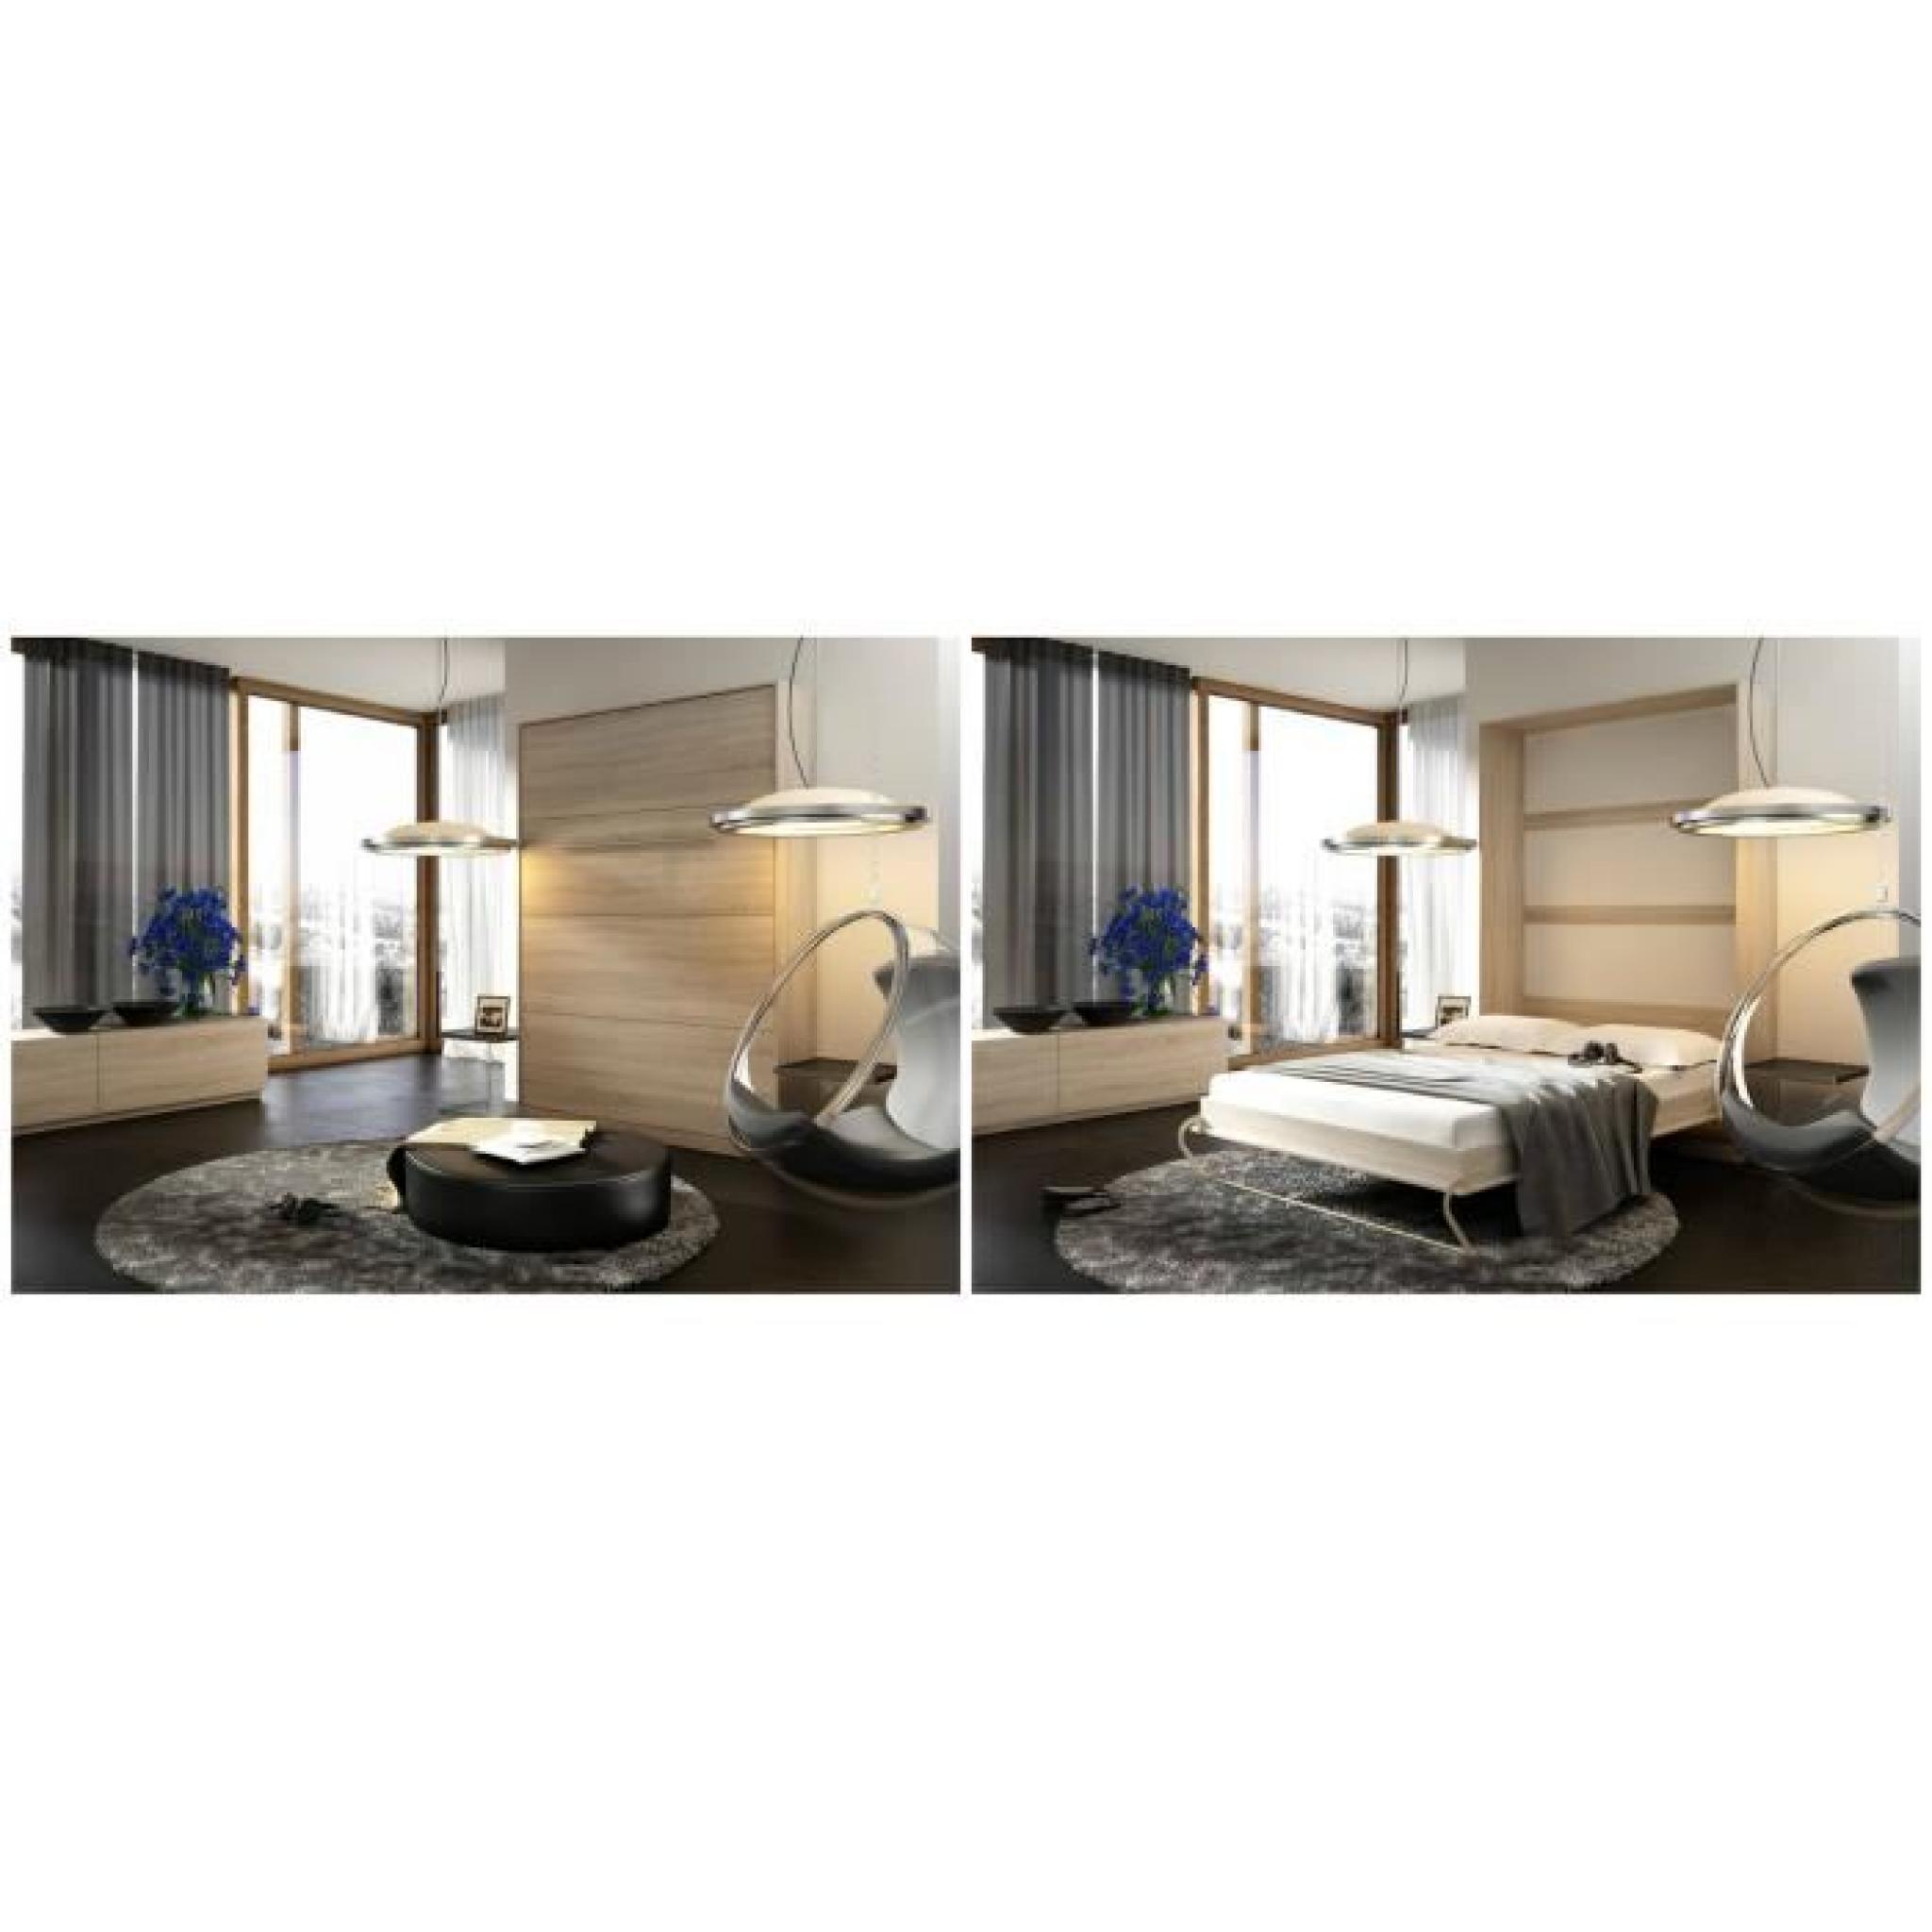 Tarif Exceptionnel Lit Escamotable Vertical 140 X 200 Sonoma